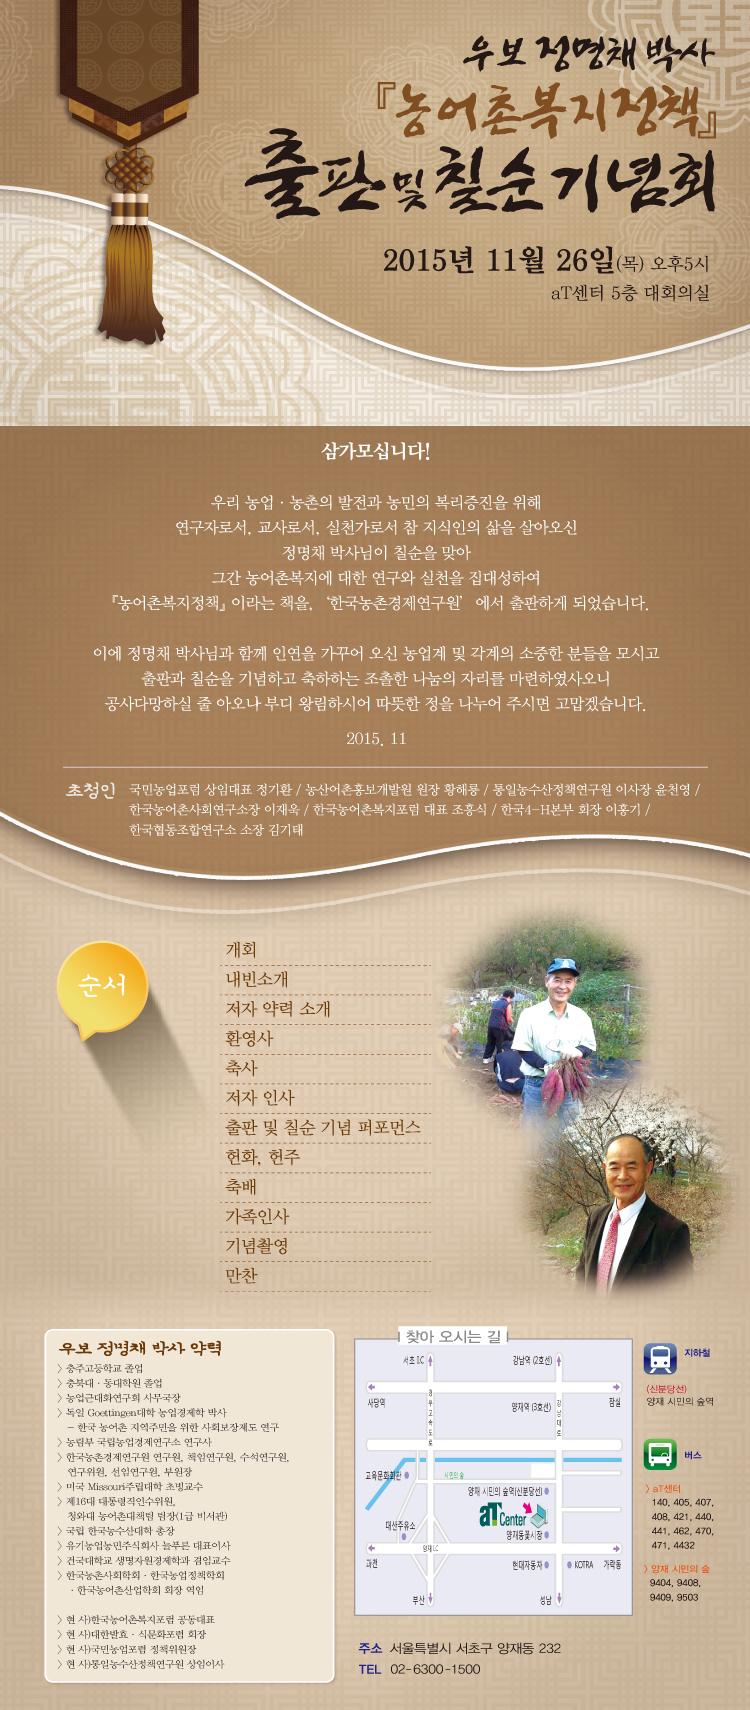 151126_정명채박사 출판기념회 웹초대장.jpg